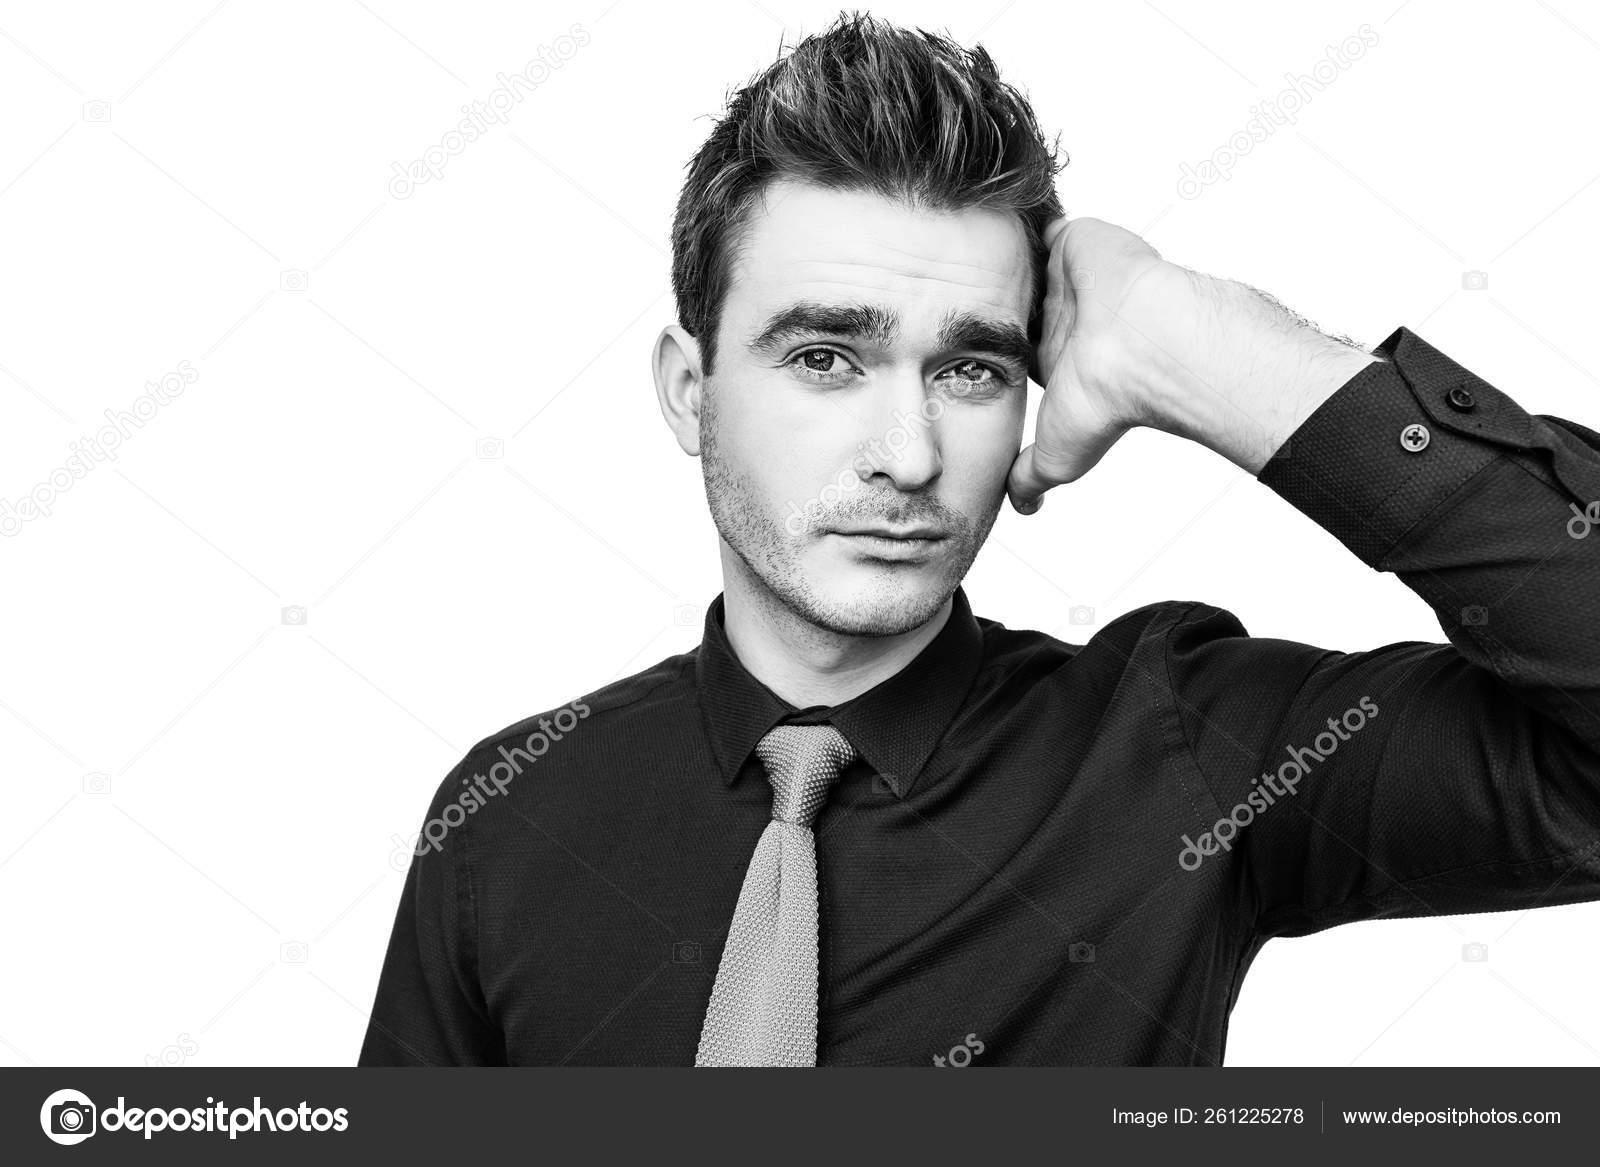 new styles 8f97f fcf18 Klassischer Stil für Männer — Stockfoto © prometeus #261225278